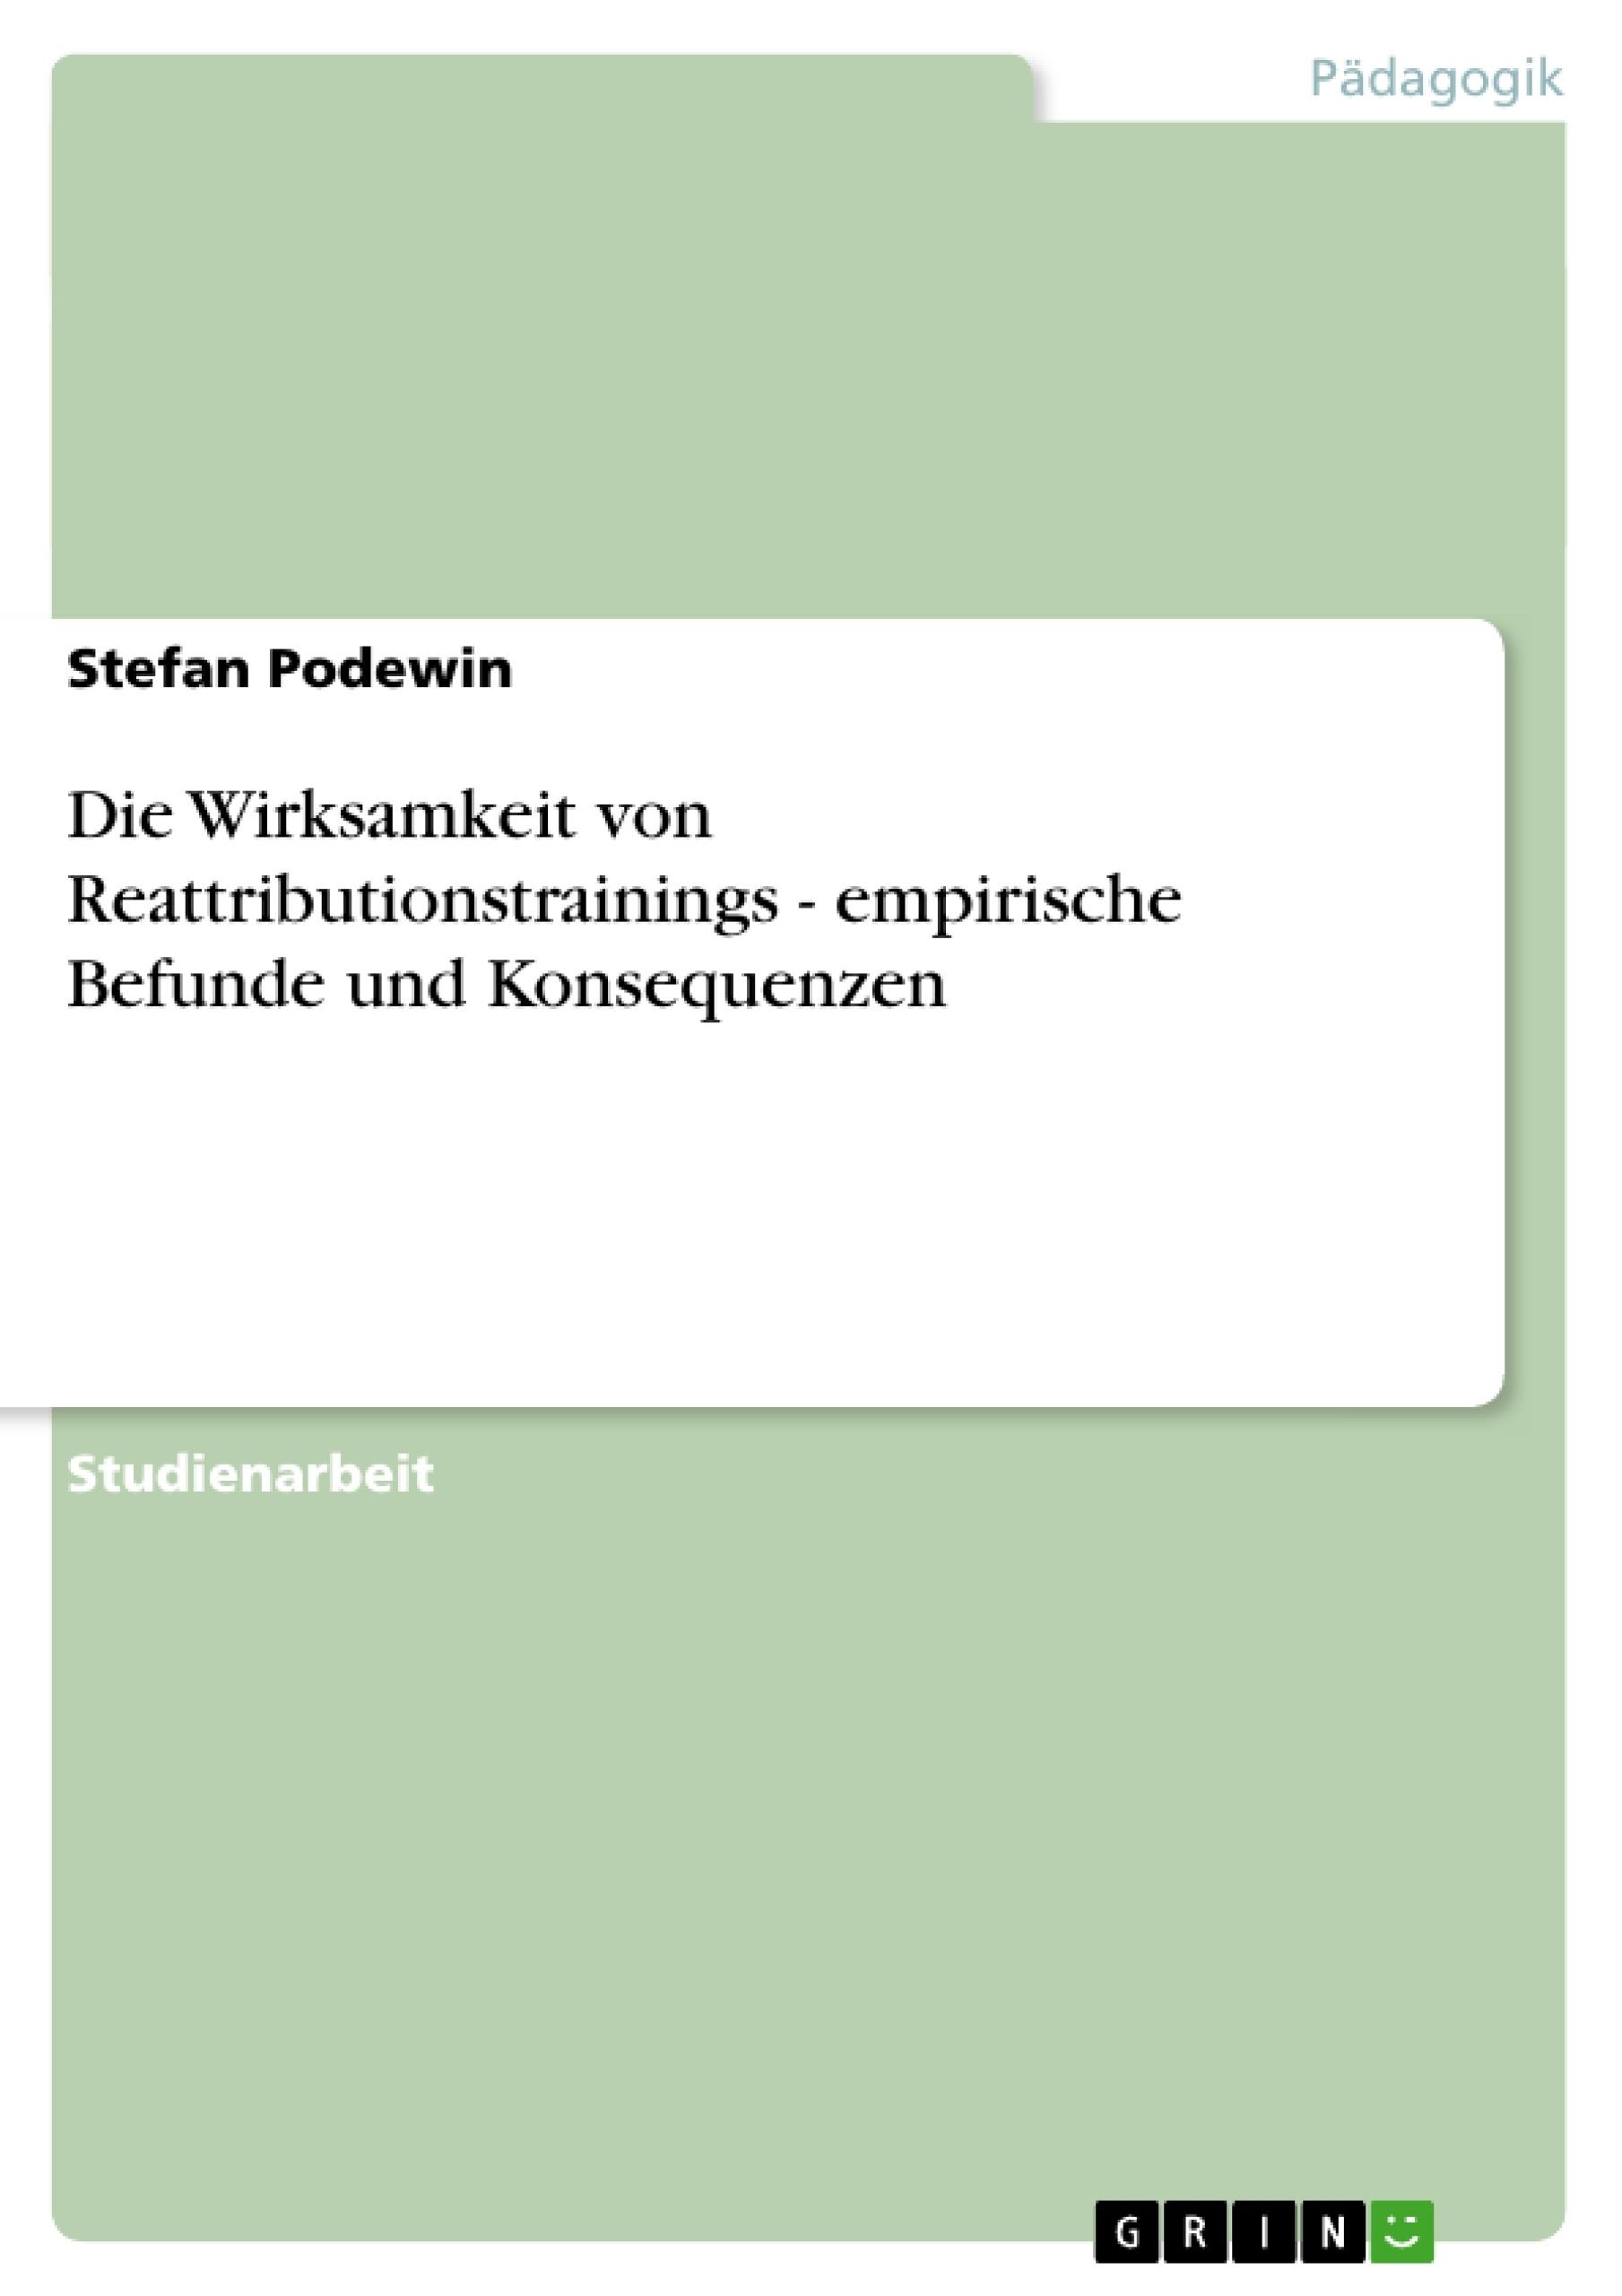 Titel: Die Wirksamkeit von Reattributionstrainings - empirische Befunde und Konsequenzen